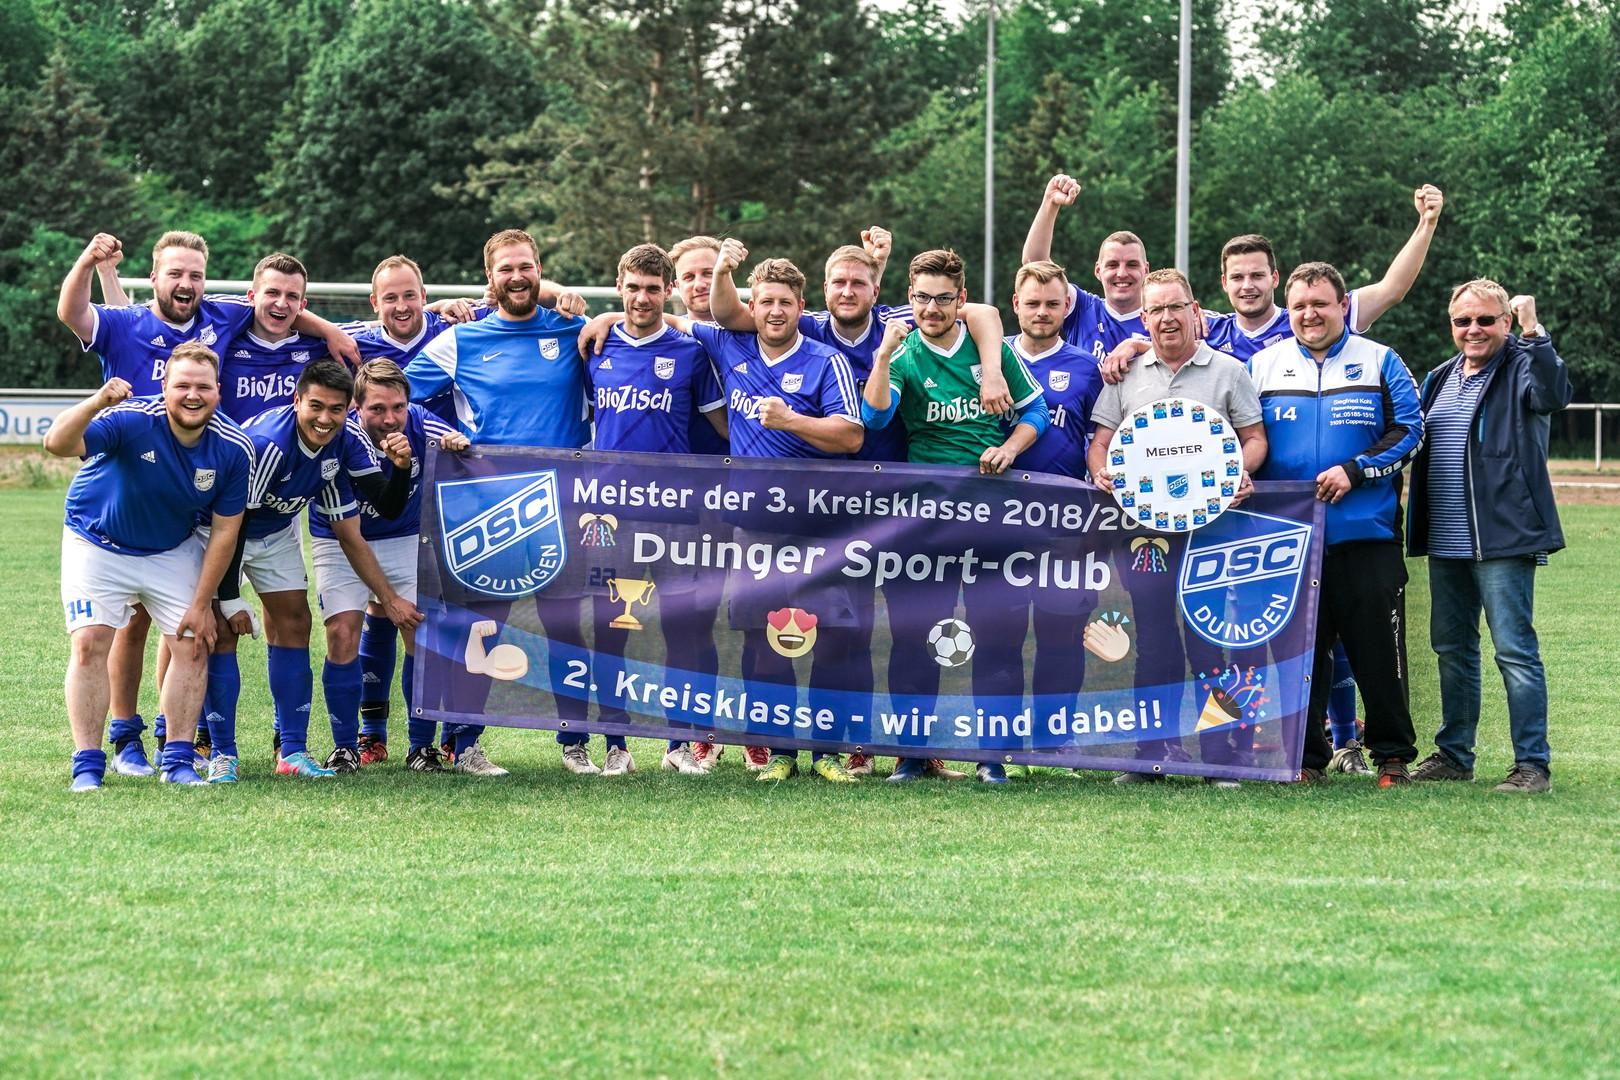 Meister der 3. Kreisklasse 2018/2019: Duinger Sport-Club